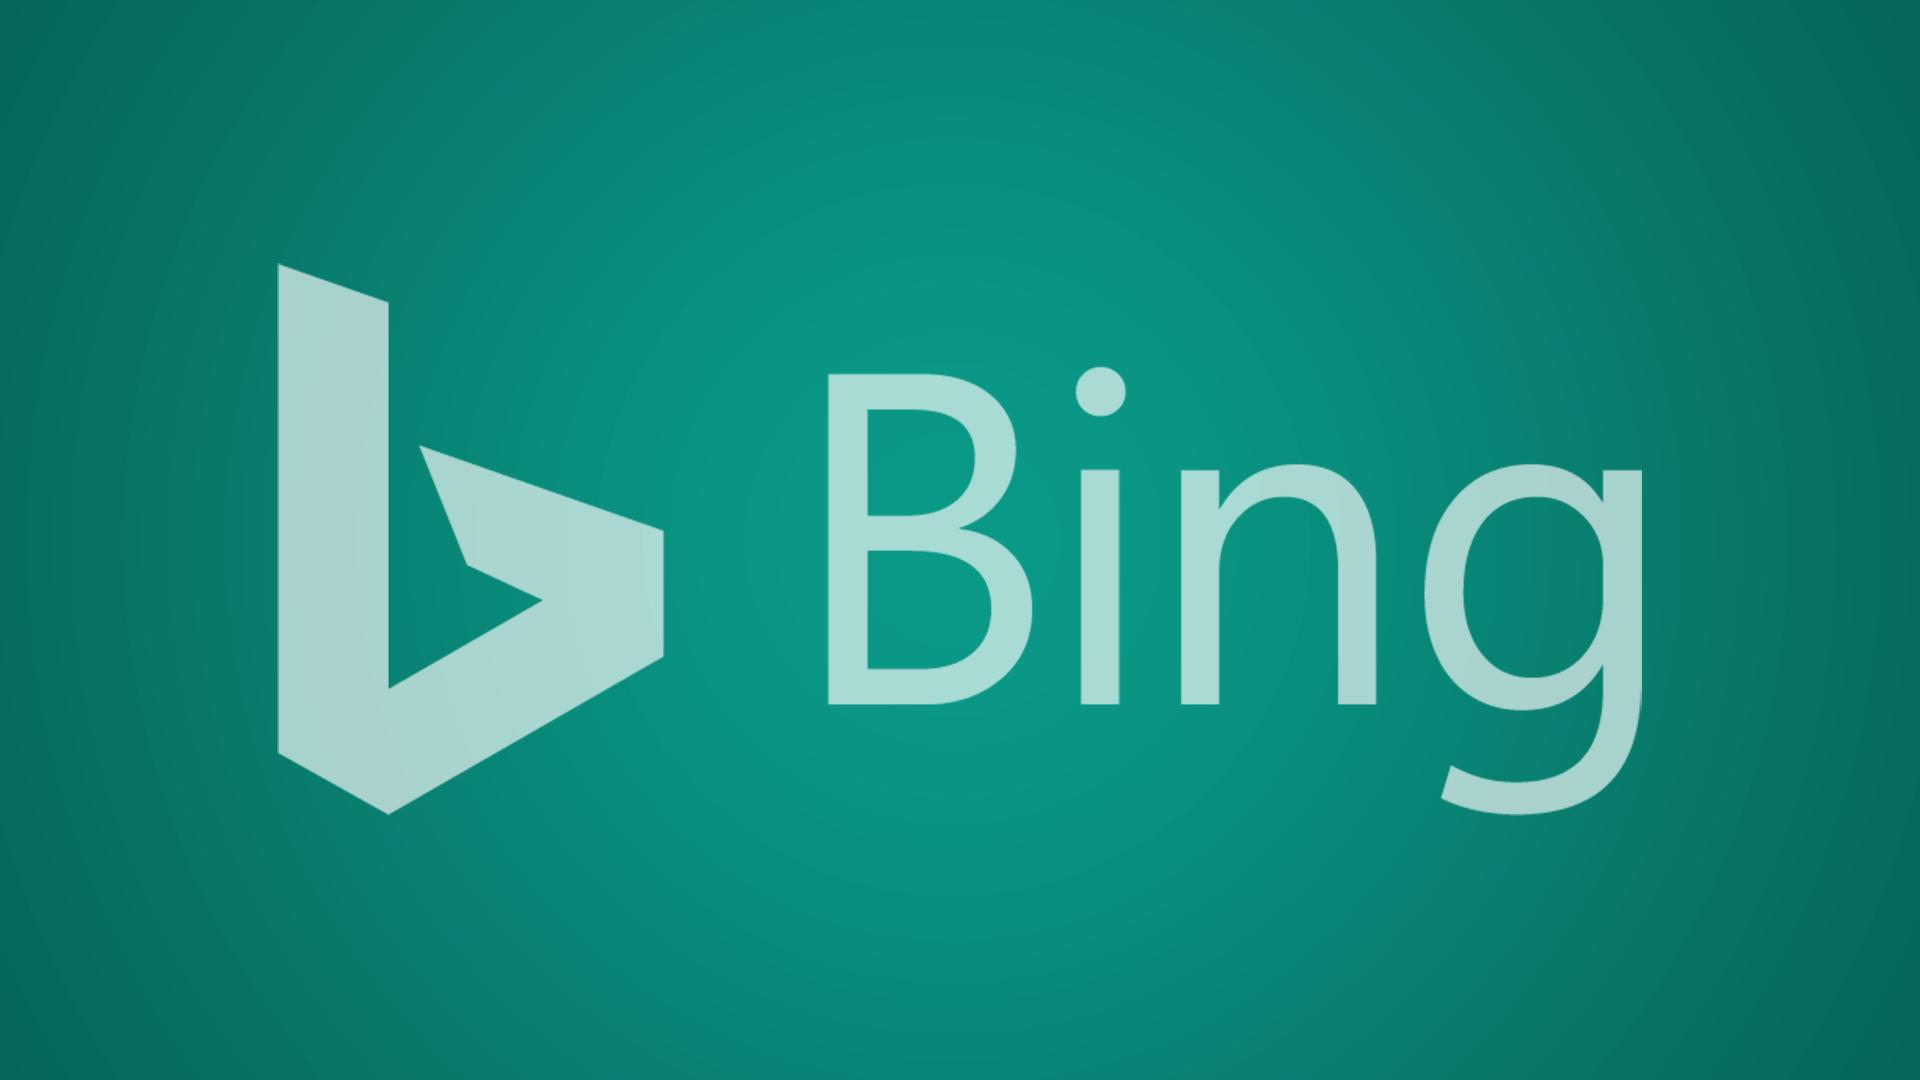 bing-teal-logo-fullhd